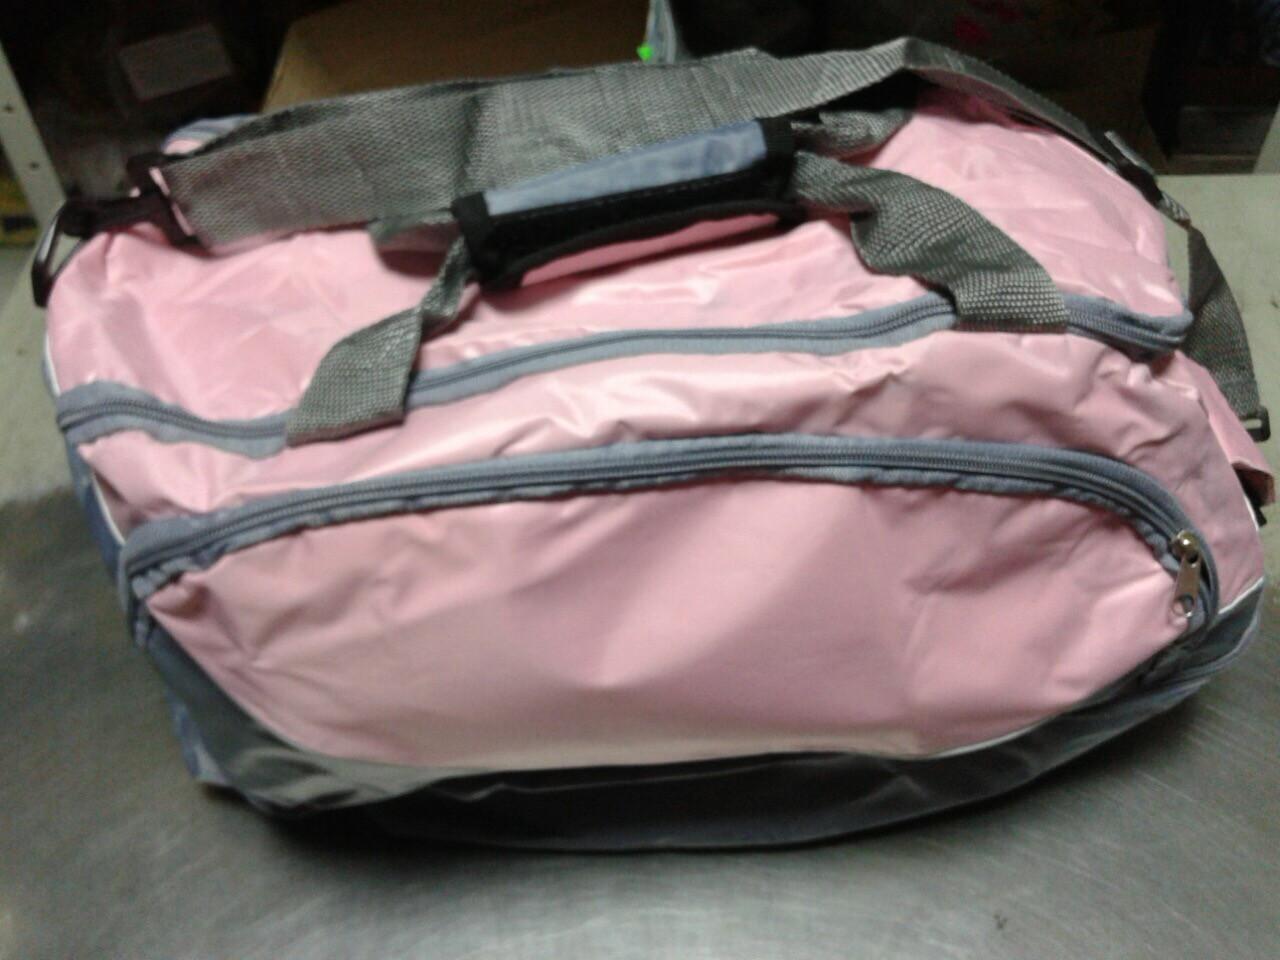 Спец предложение на спорт сумку!Большая,вместительная спорт сумка для девушек всего 249р!!!Экспресс!6